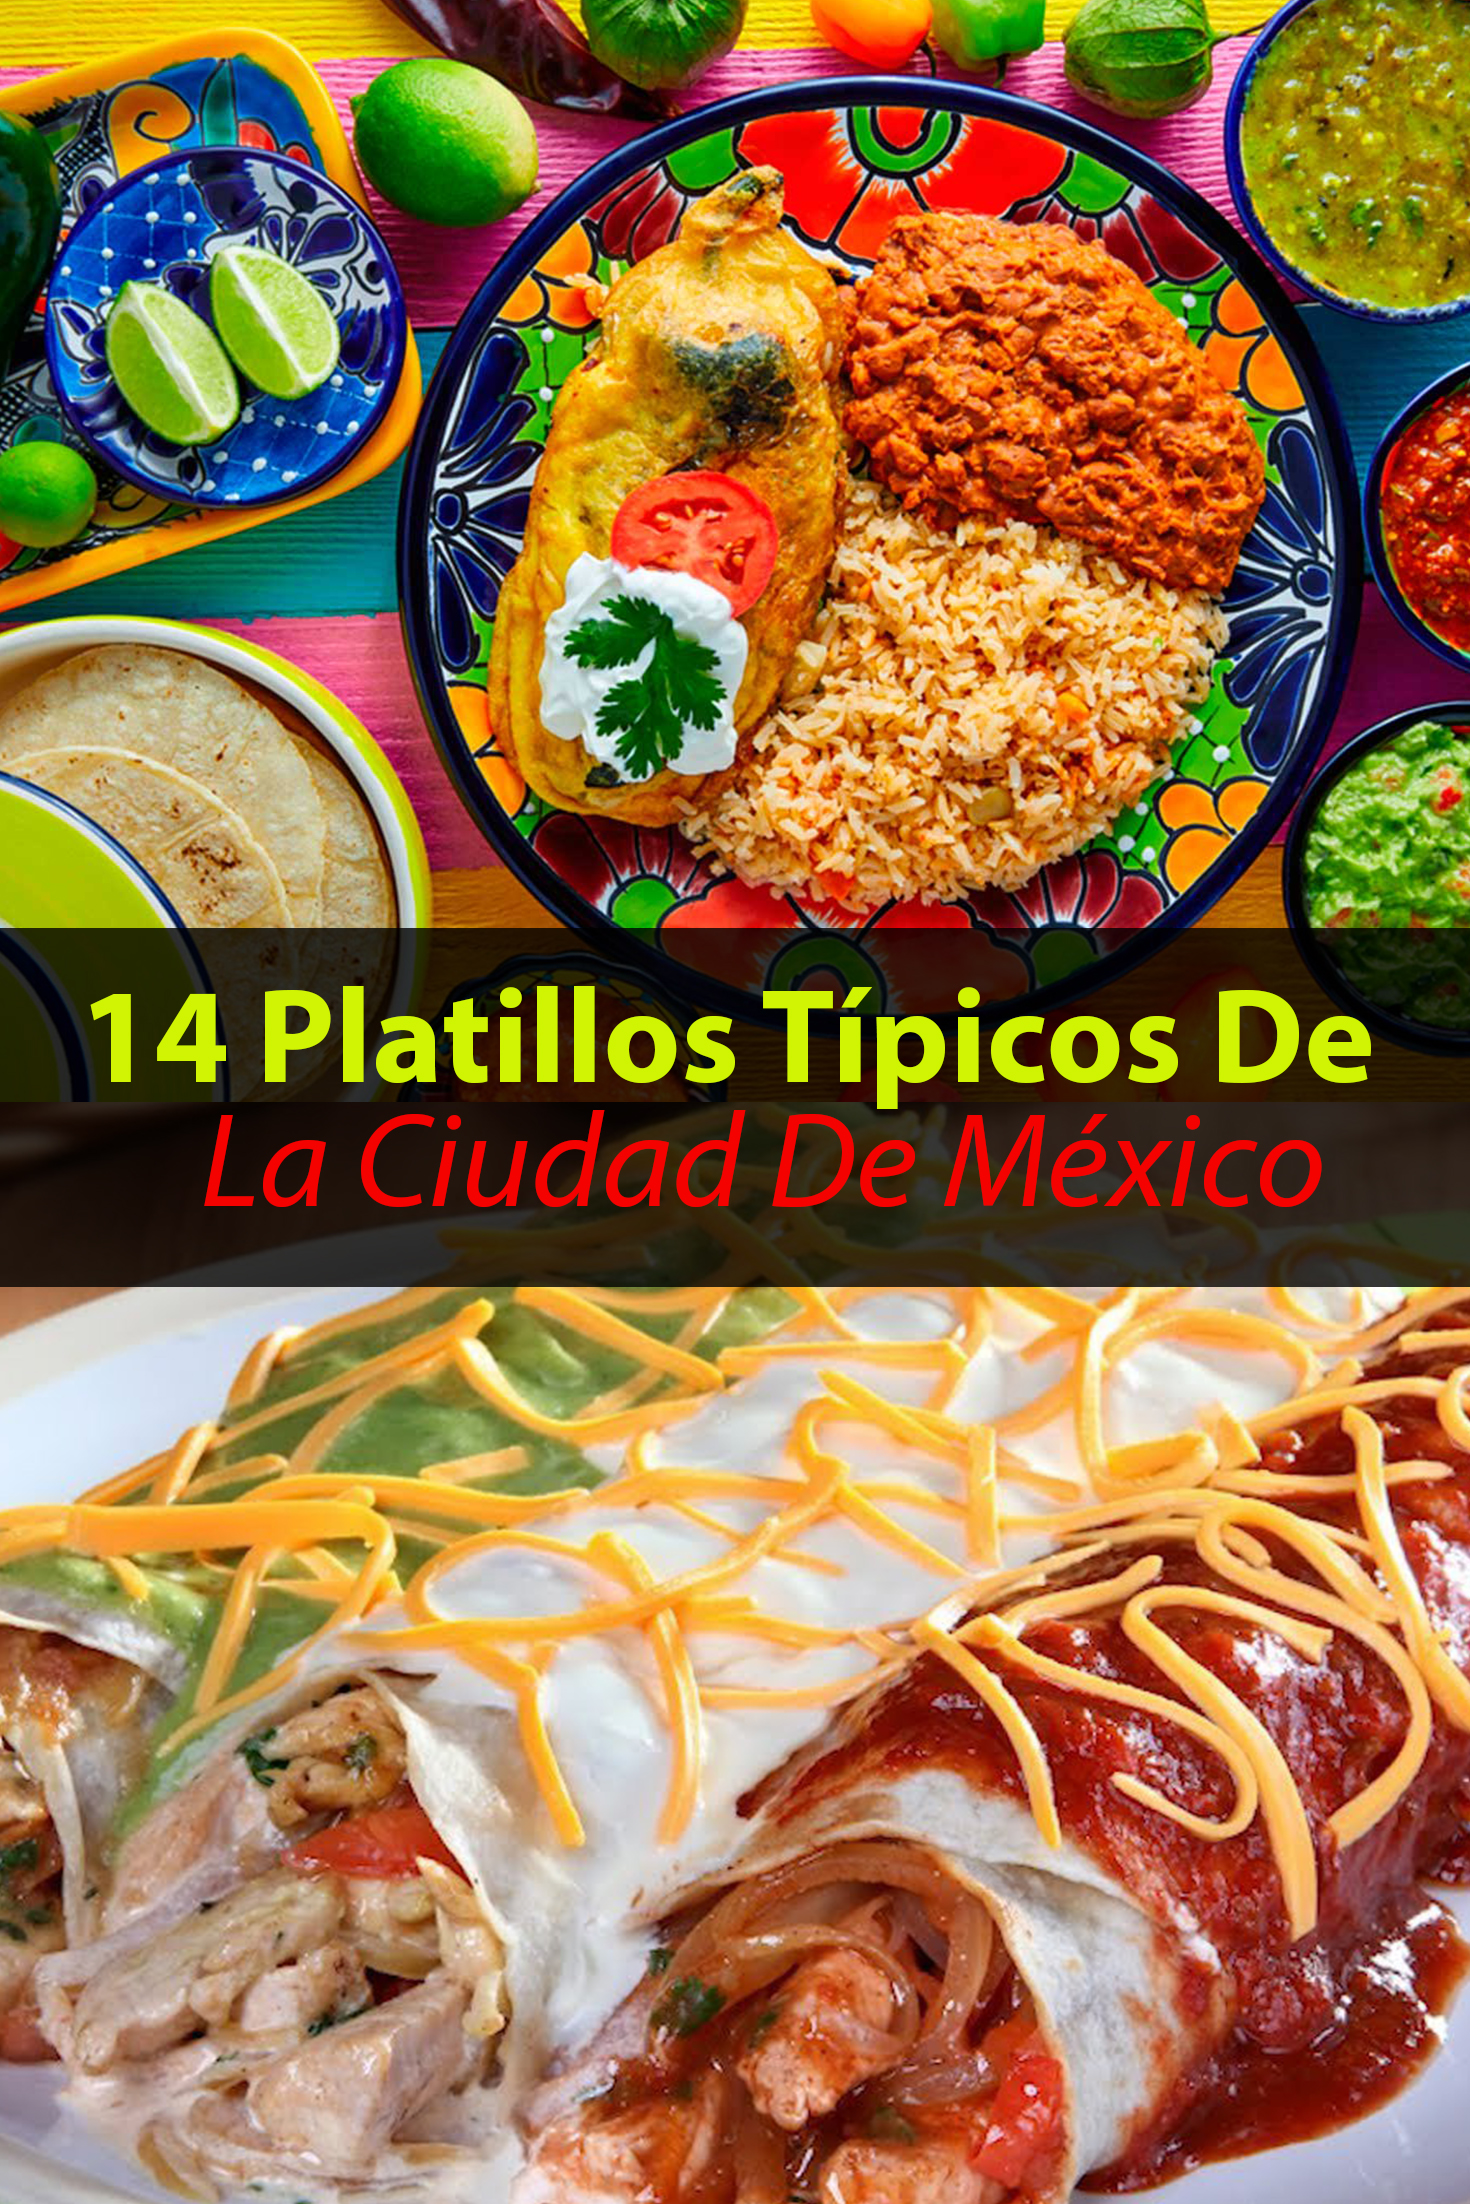 14 Platillos Típicos De La Ciudad De México Que Tienes Que Probar Tips Para Tu Viaje